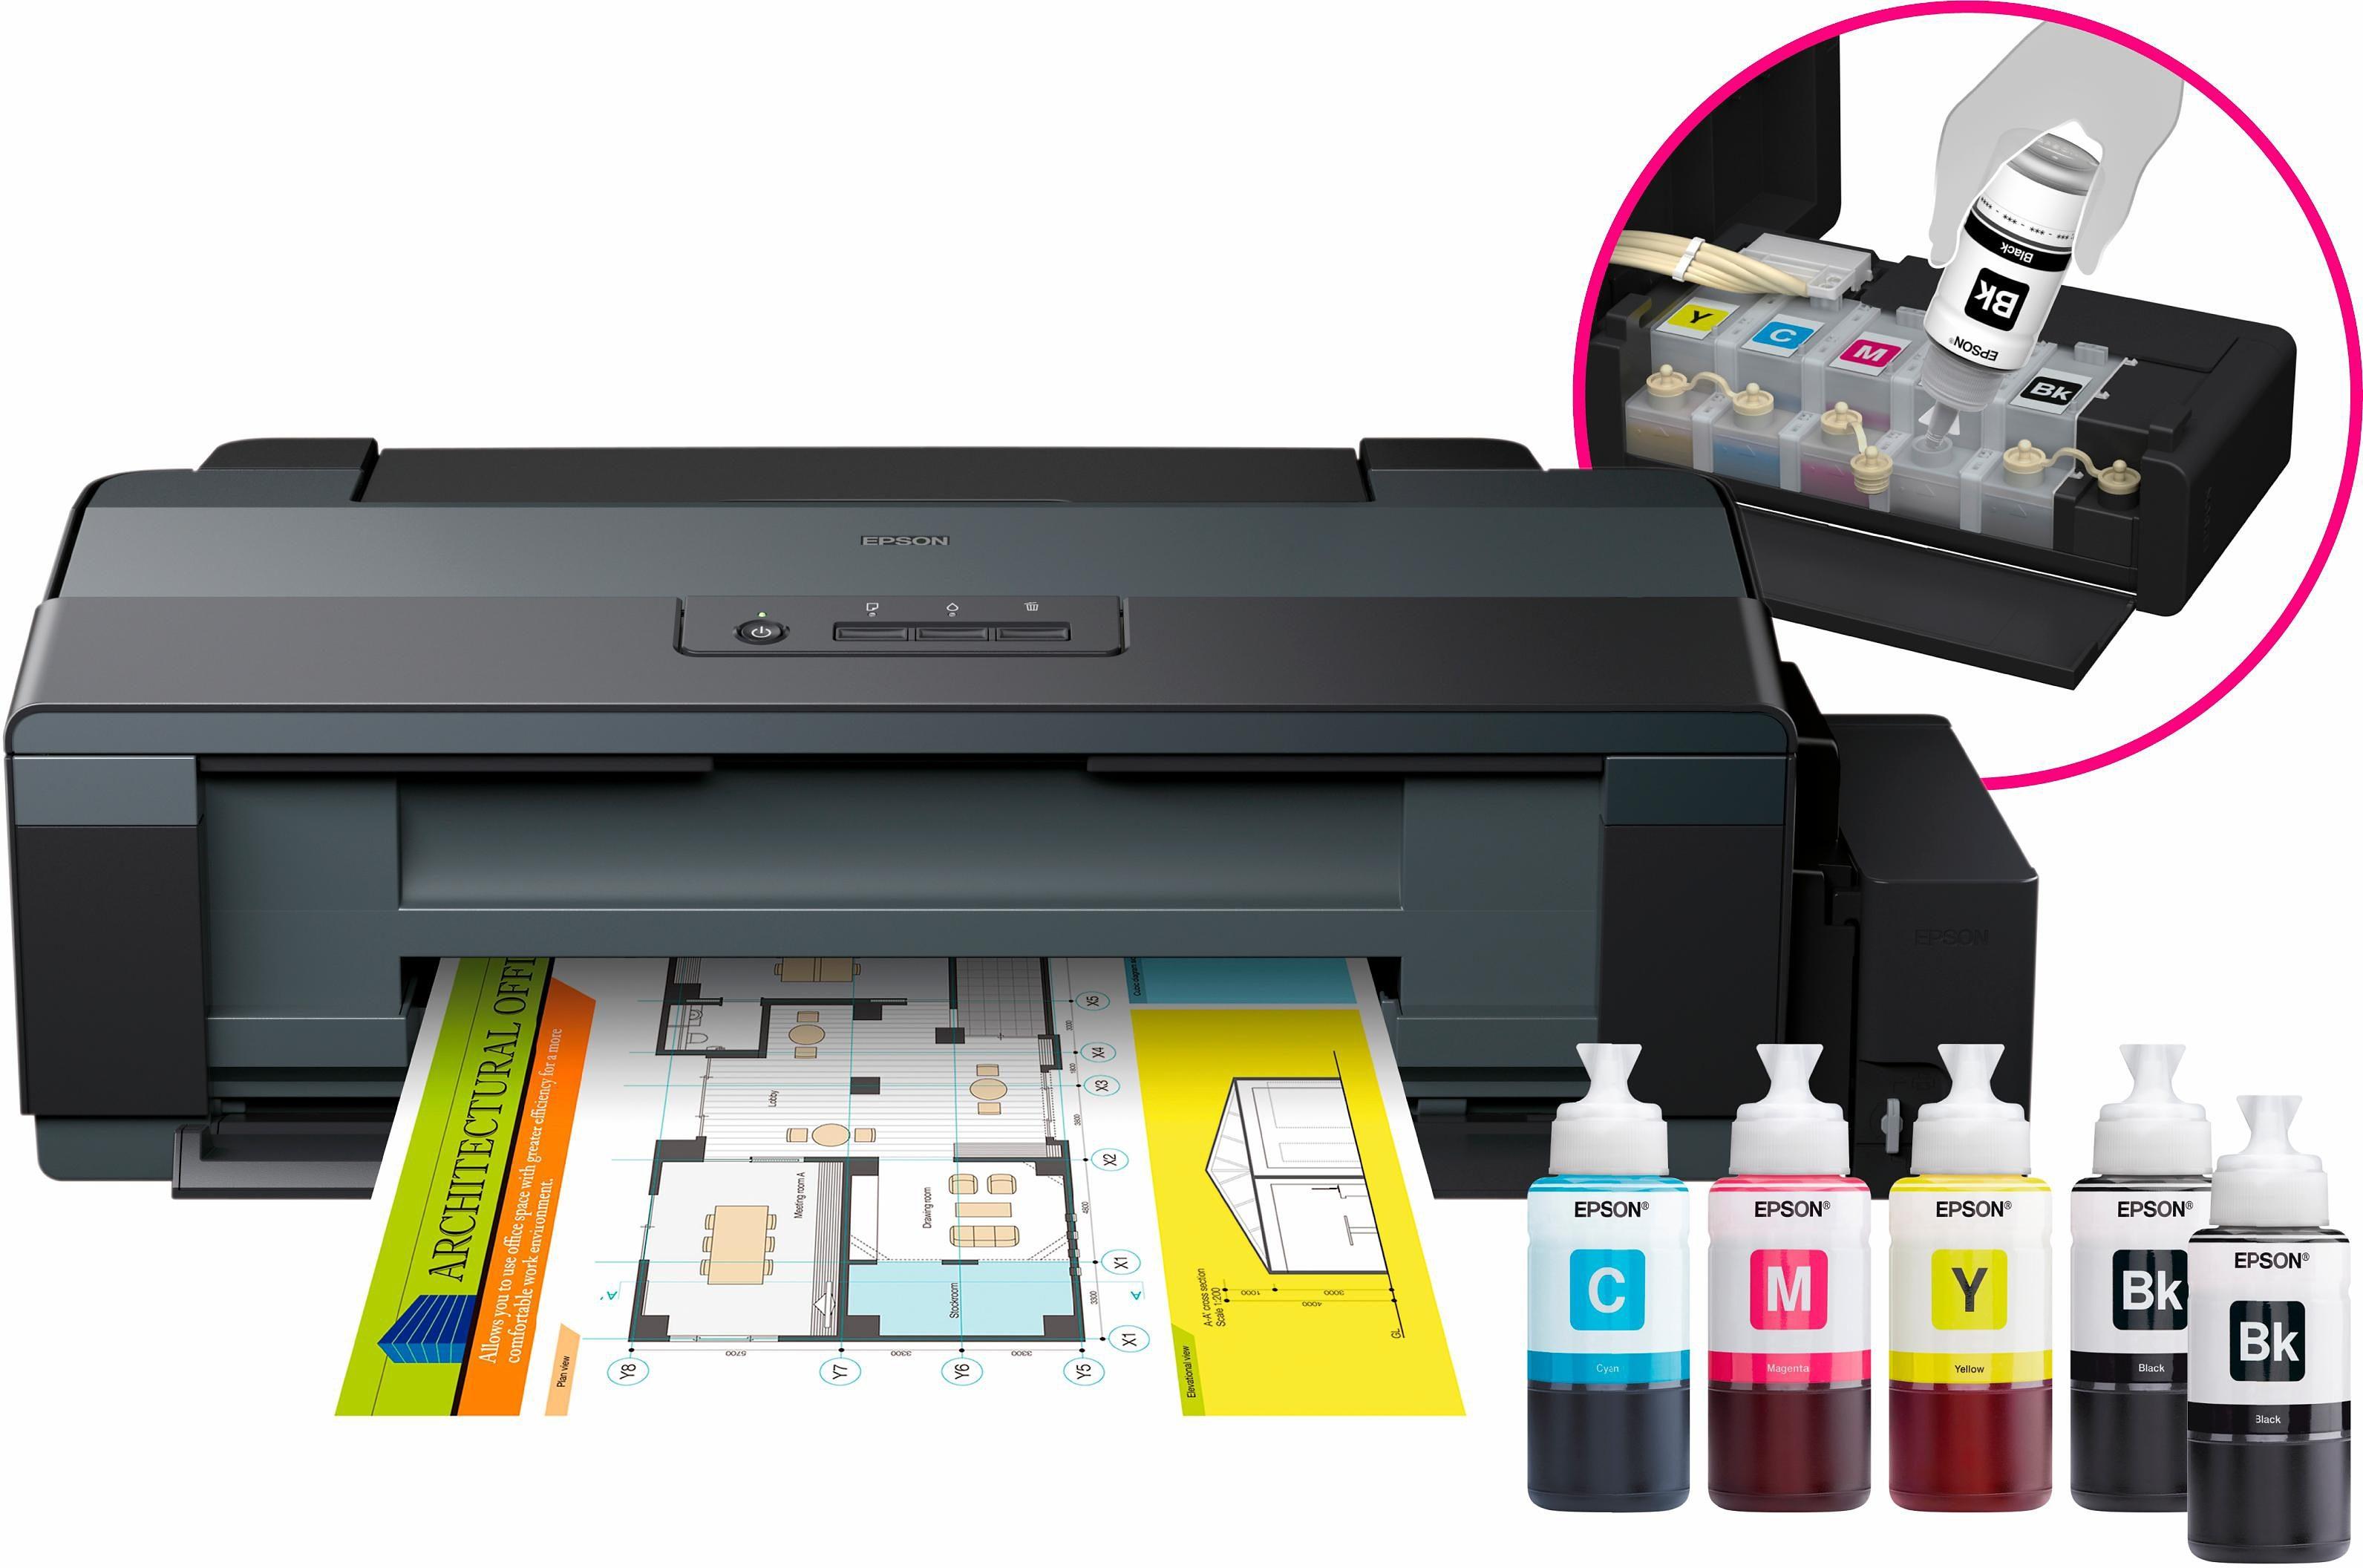 epson ecotank et 14000 tintenstrahldrucker auf rechnung. Black Bedroom Furniture Sets. Home Design Ideas